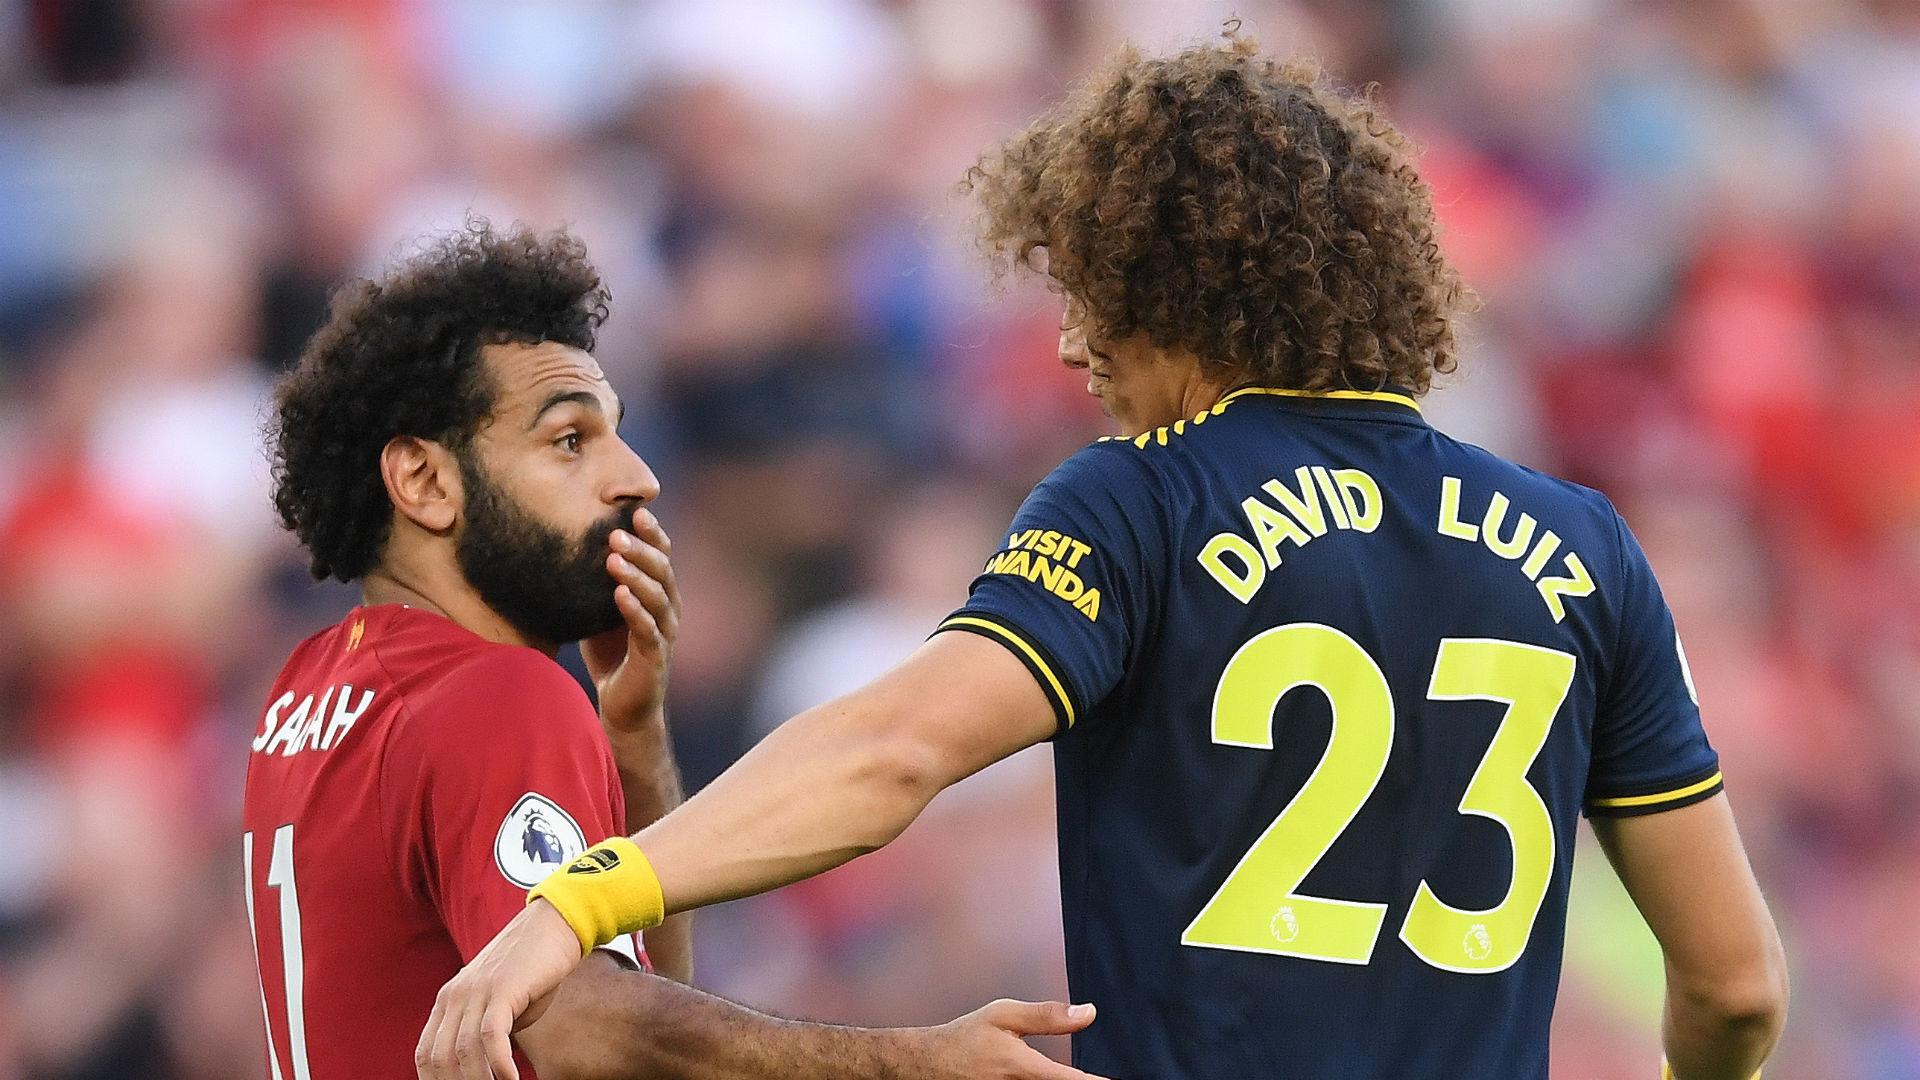 Mohamed Salah David Luiz Liverpool Arsenal